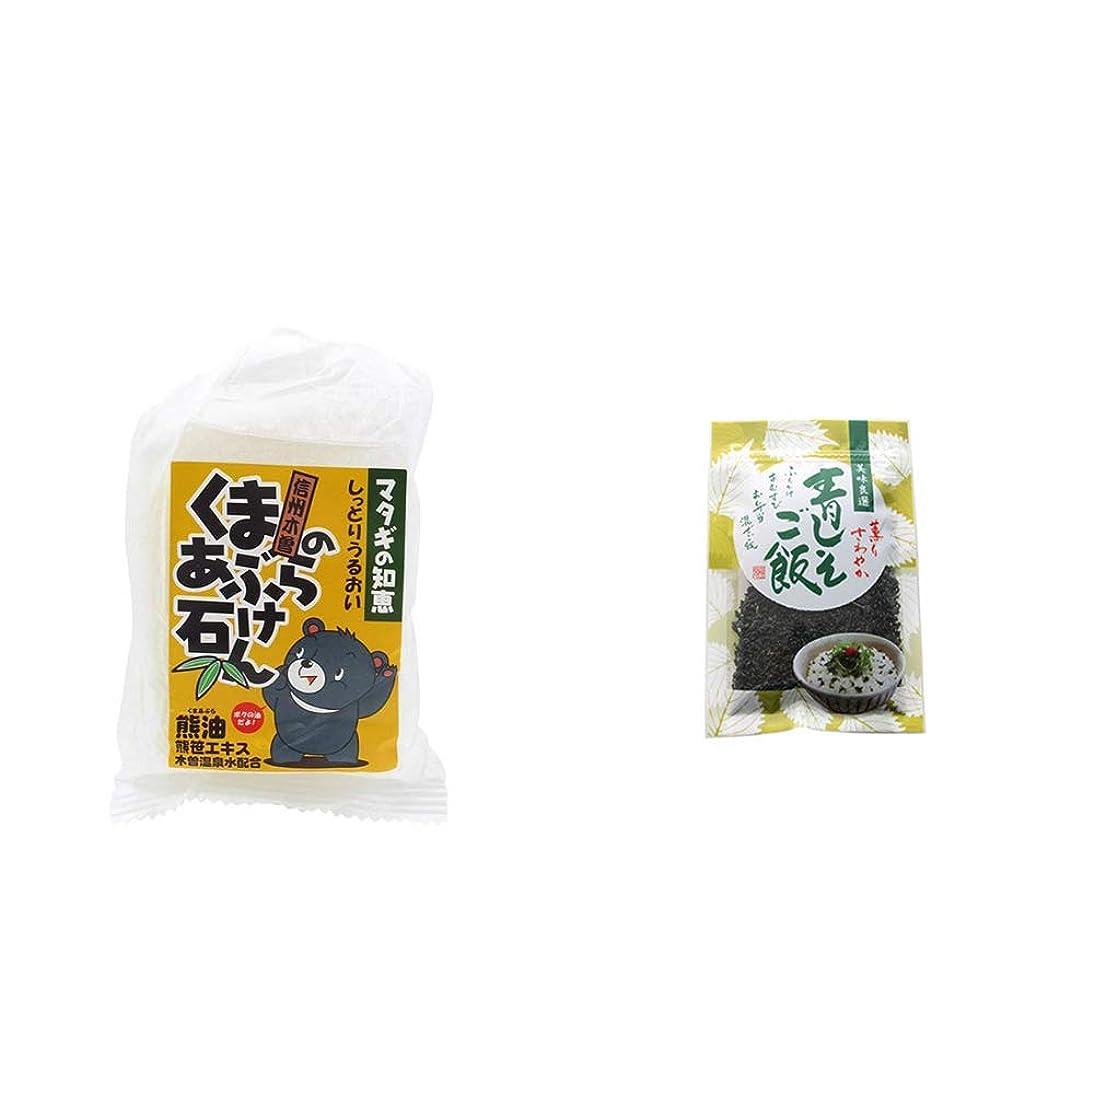 [2点セット] 信州木曽 くまのあぶら石けん(80g)?薫りさわやか 青しそご飯(80g)